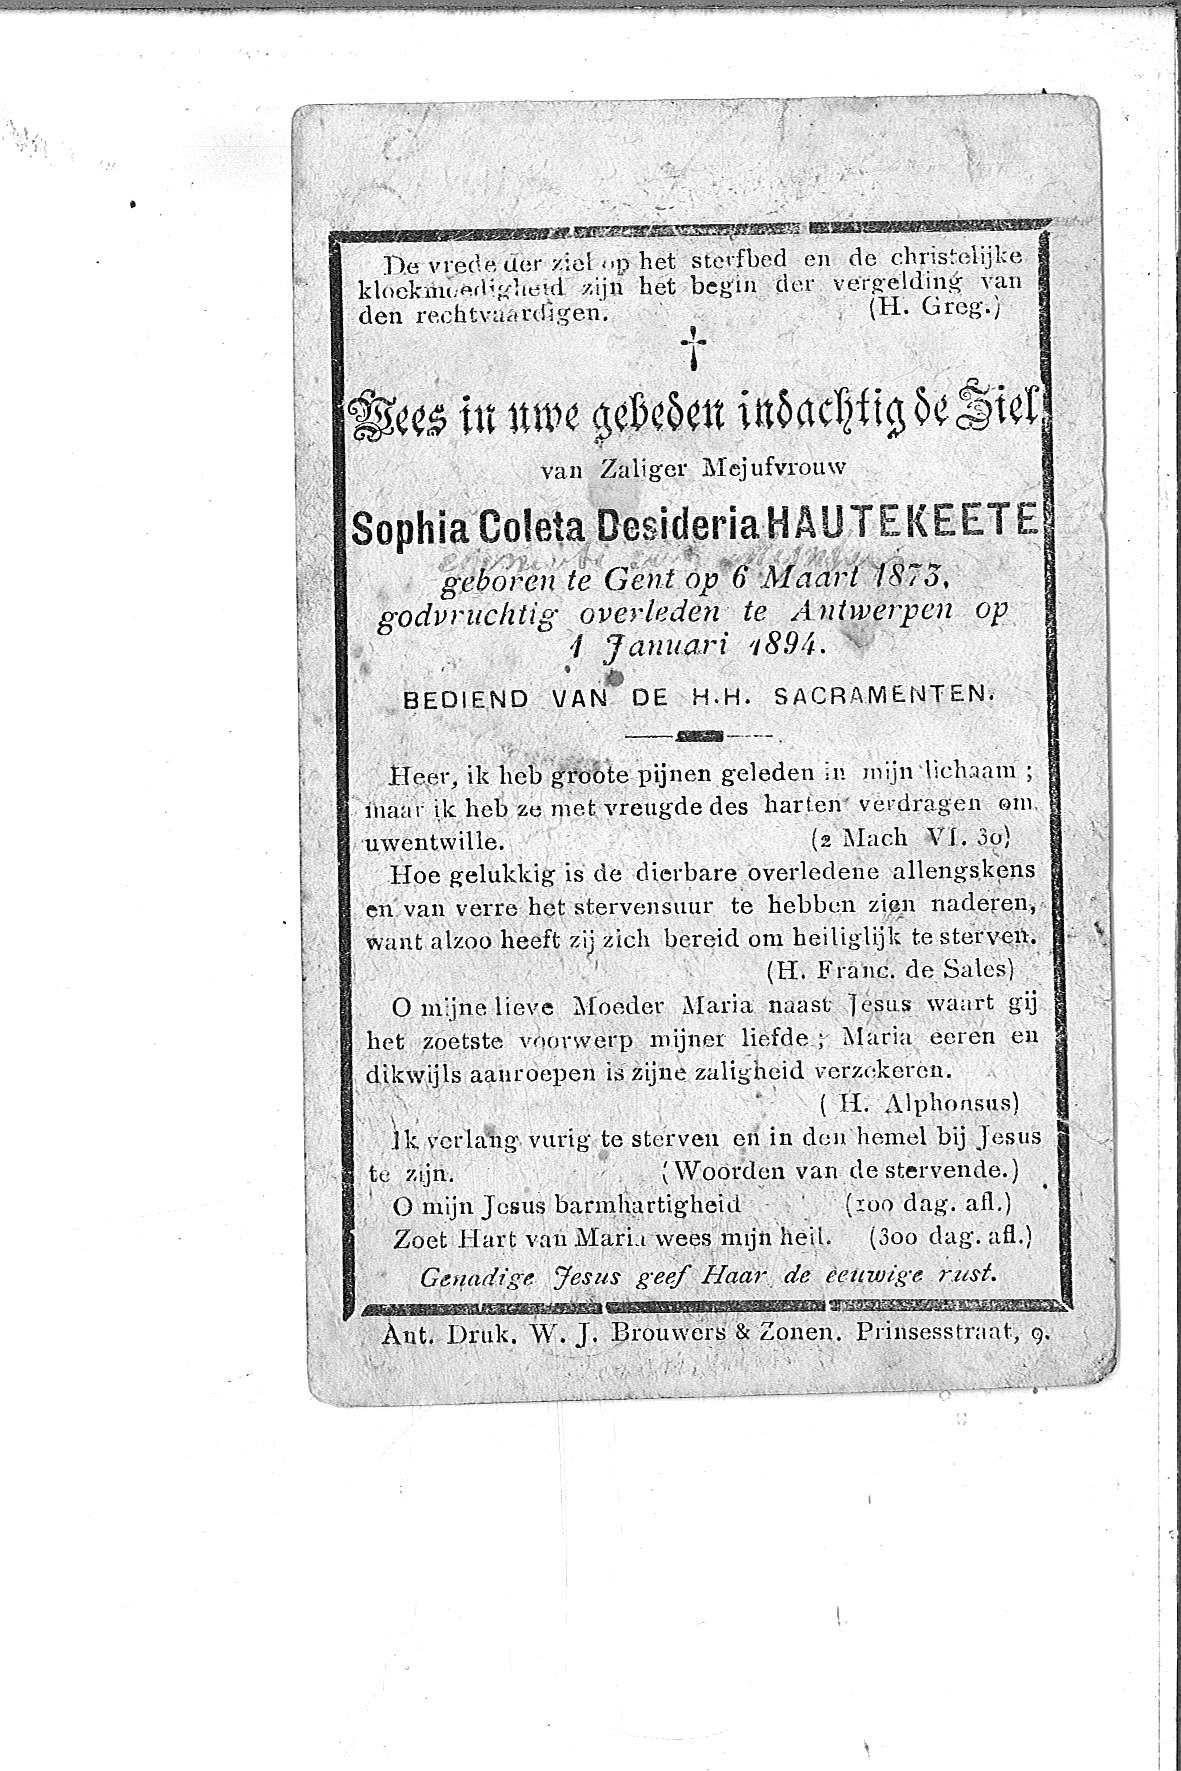 Sophia Coleta Desideria(1894)20140820143544_00024.jpg